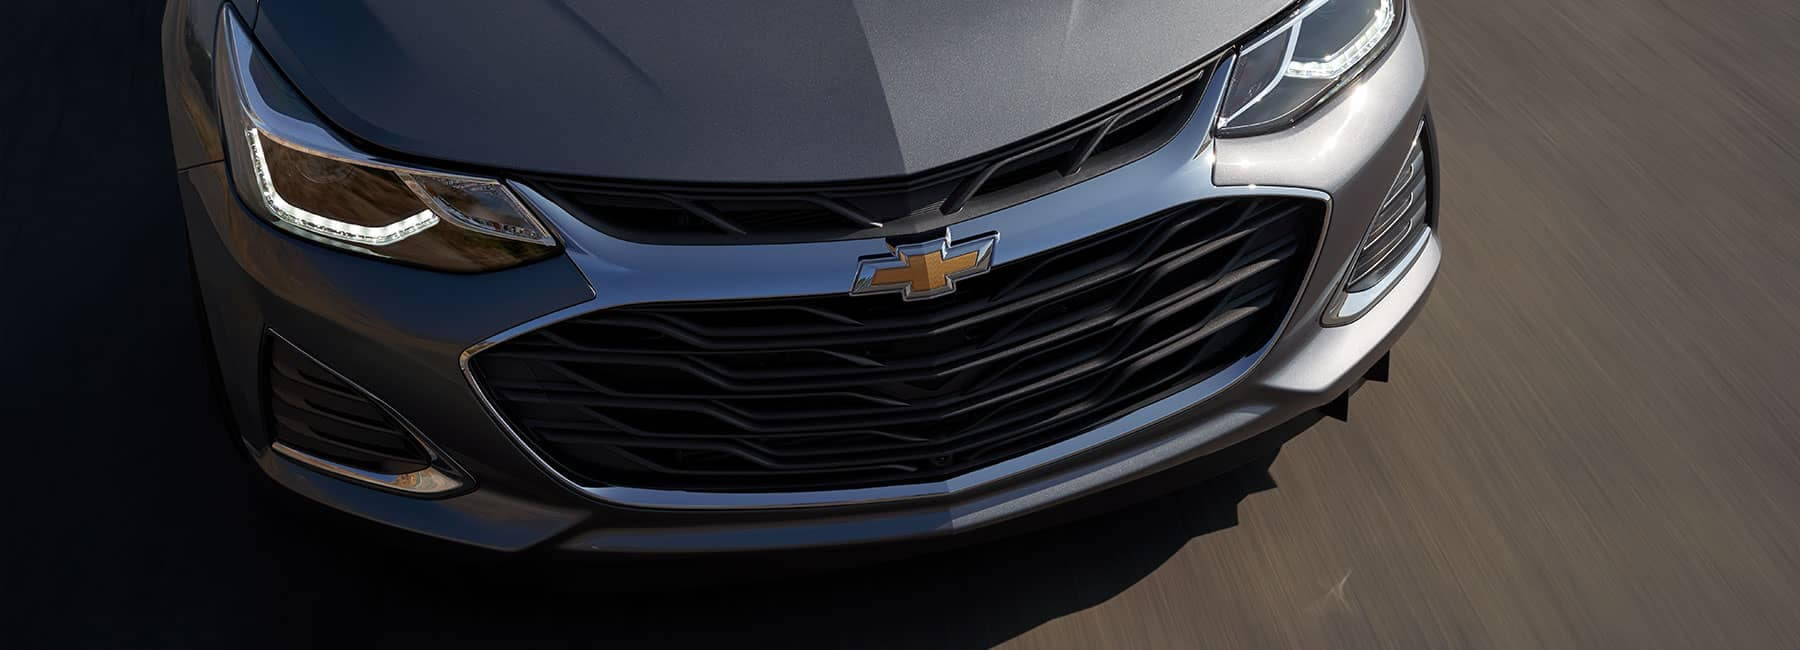 Gray 2019 Chevrolet Cruz Exterior Nose